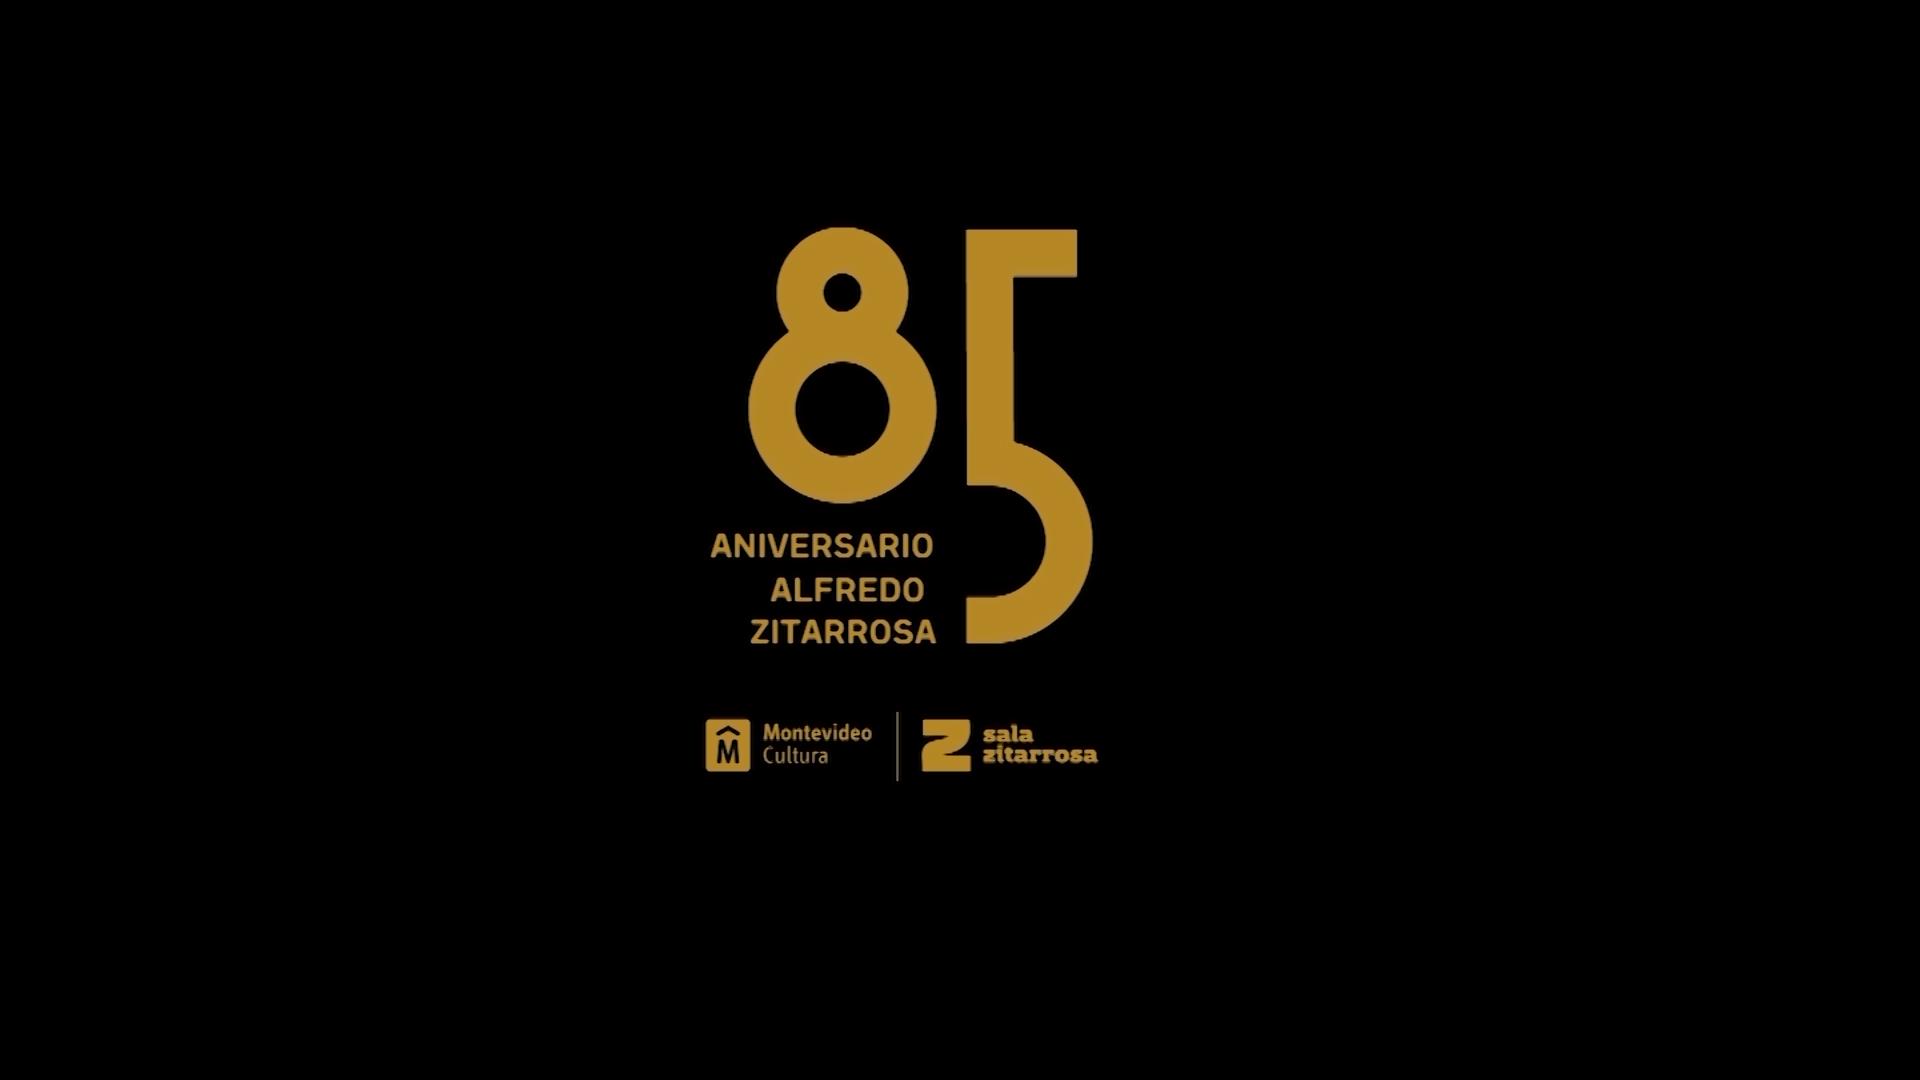 85 Aniversario de Alfredo Zitarrosa